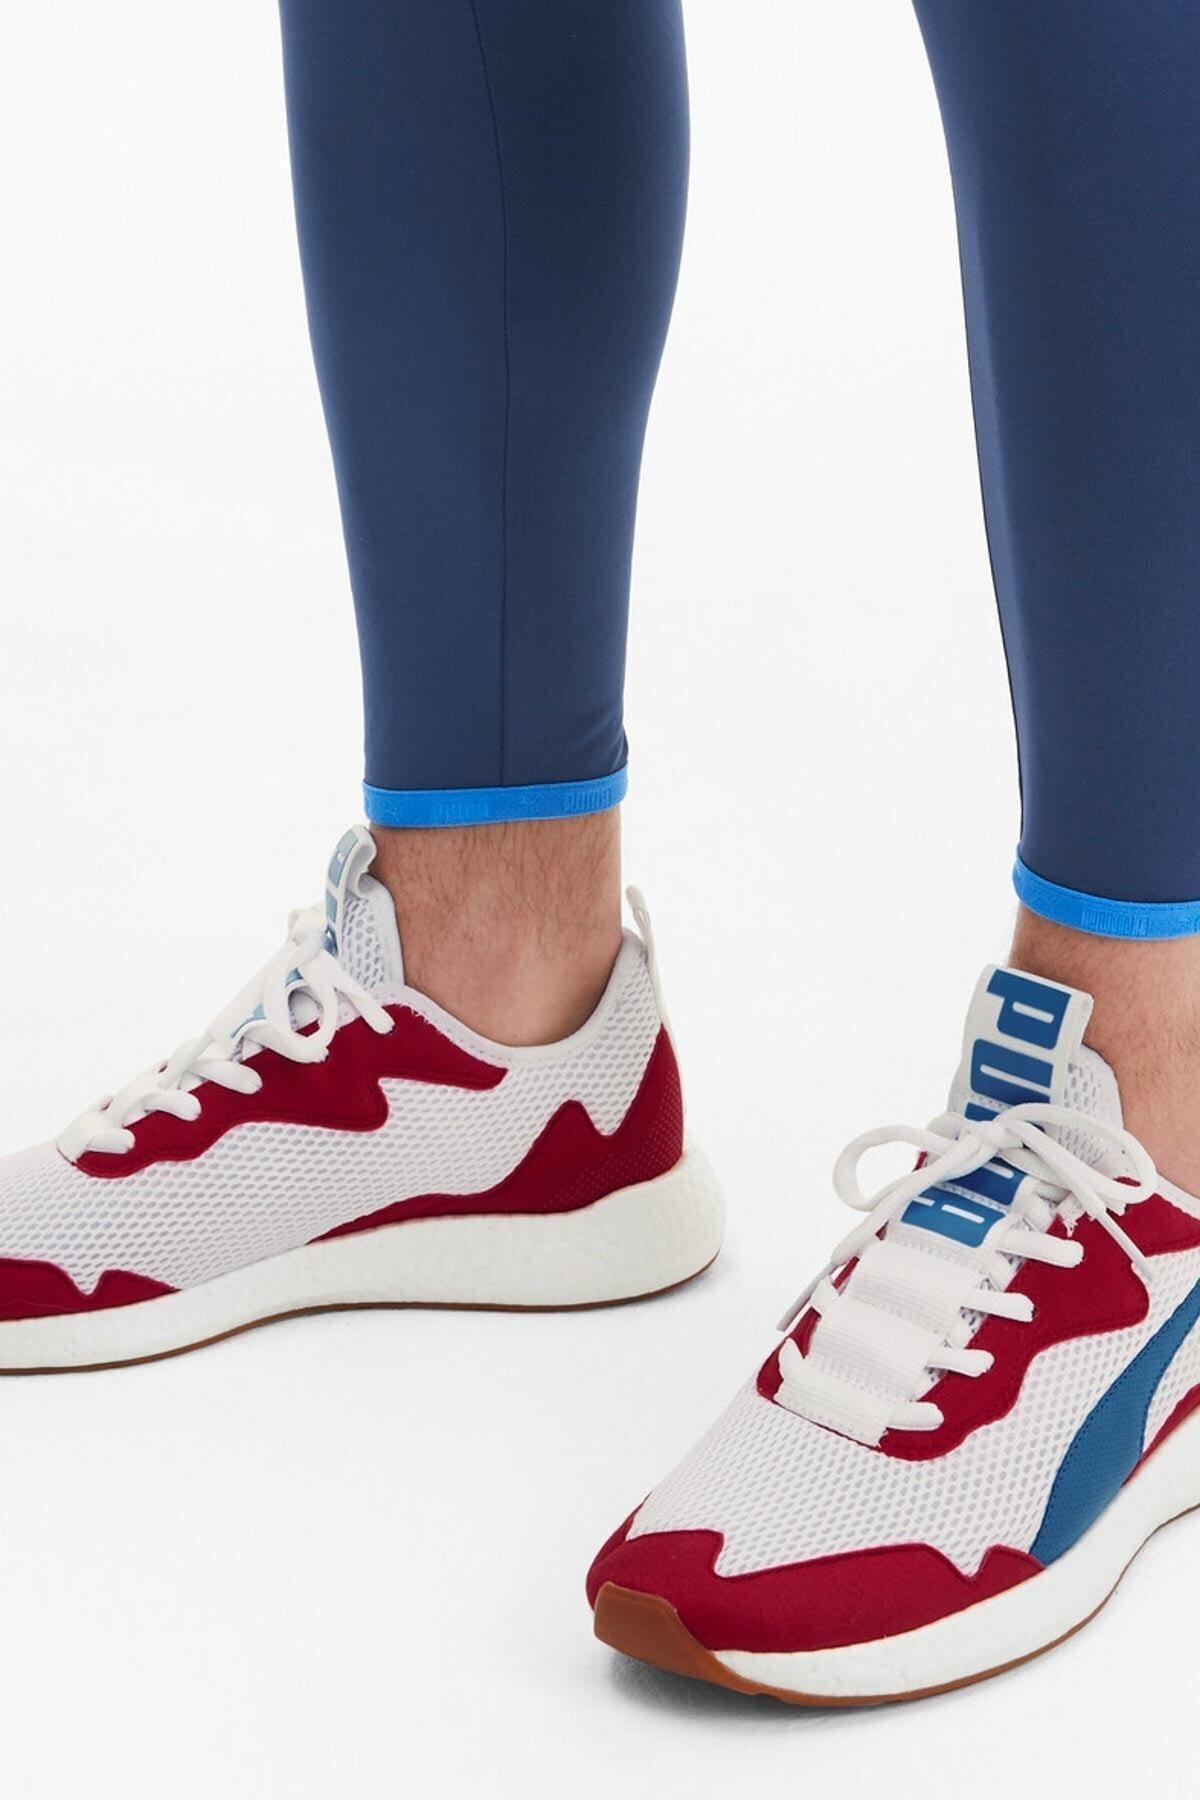 Puma Nrgy Neko Skım Erkek Koşu Ayakkabısı 1